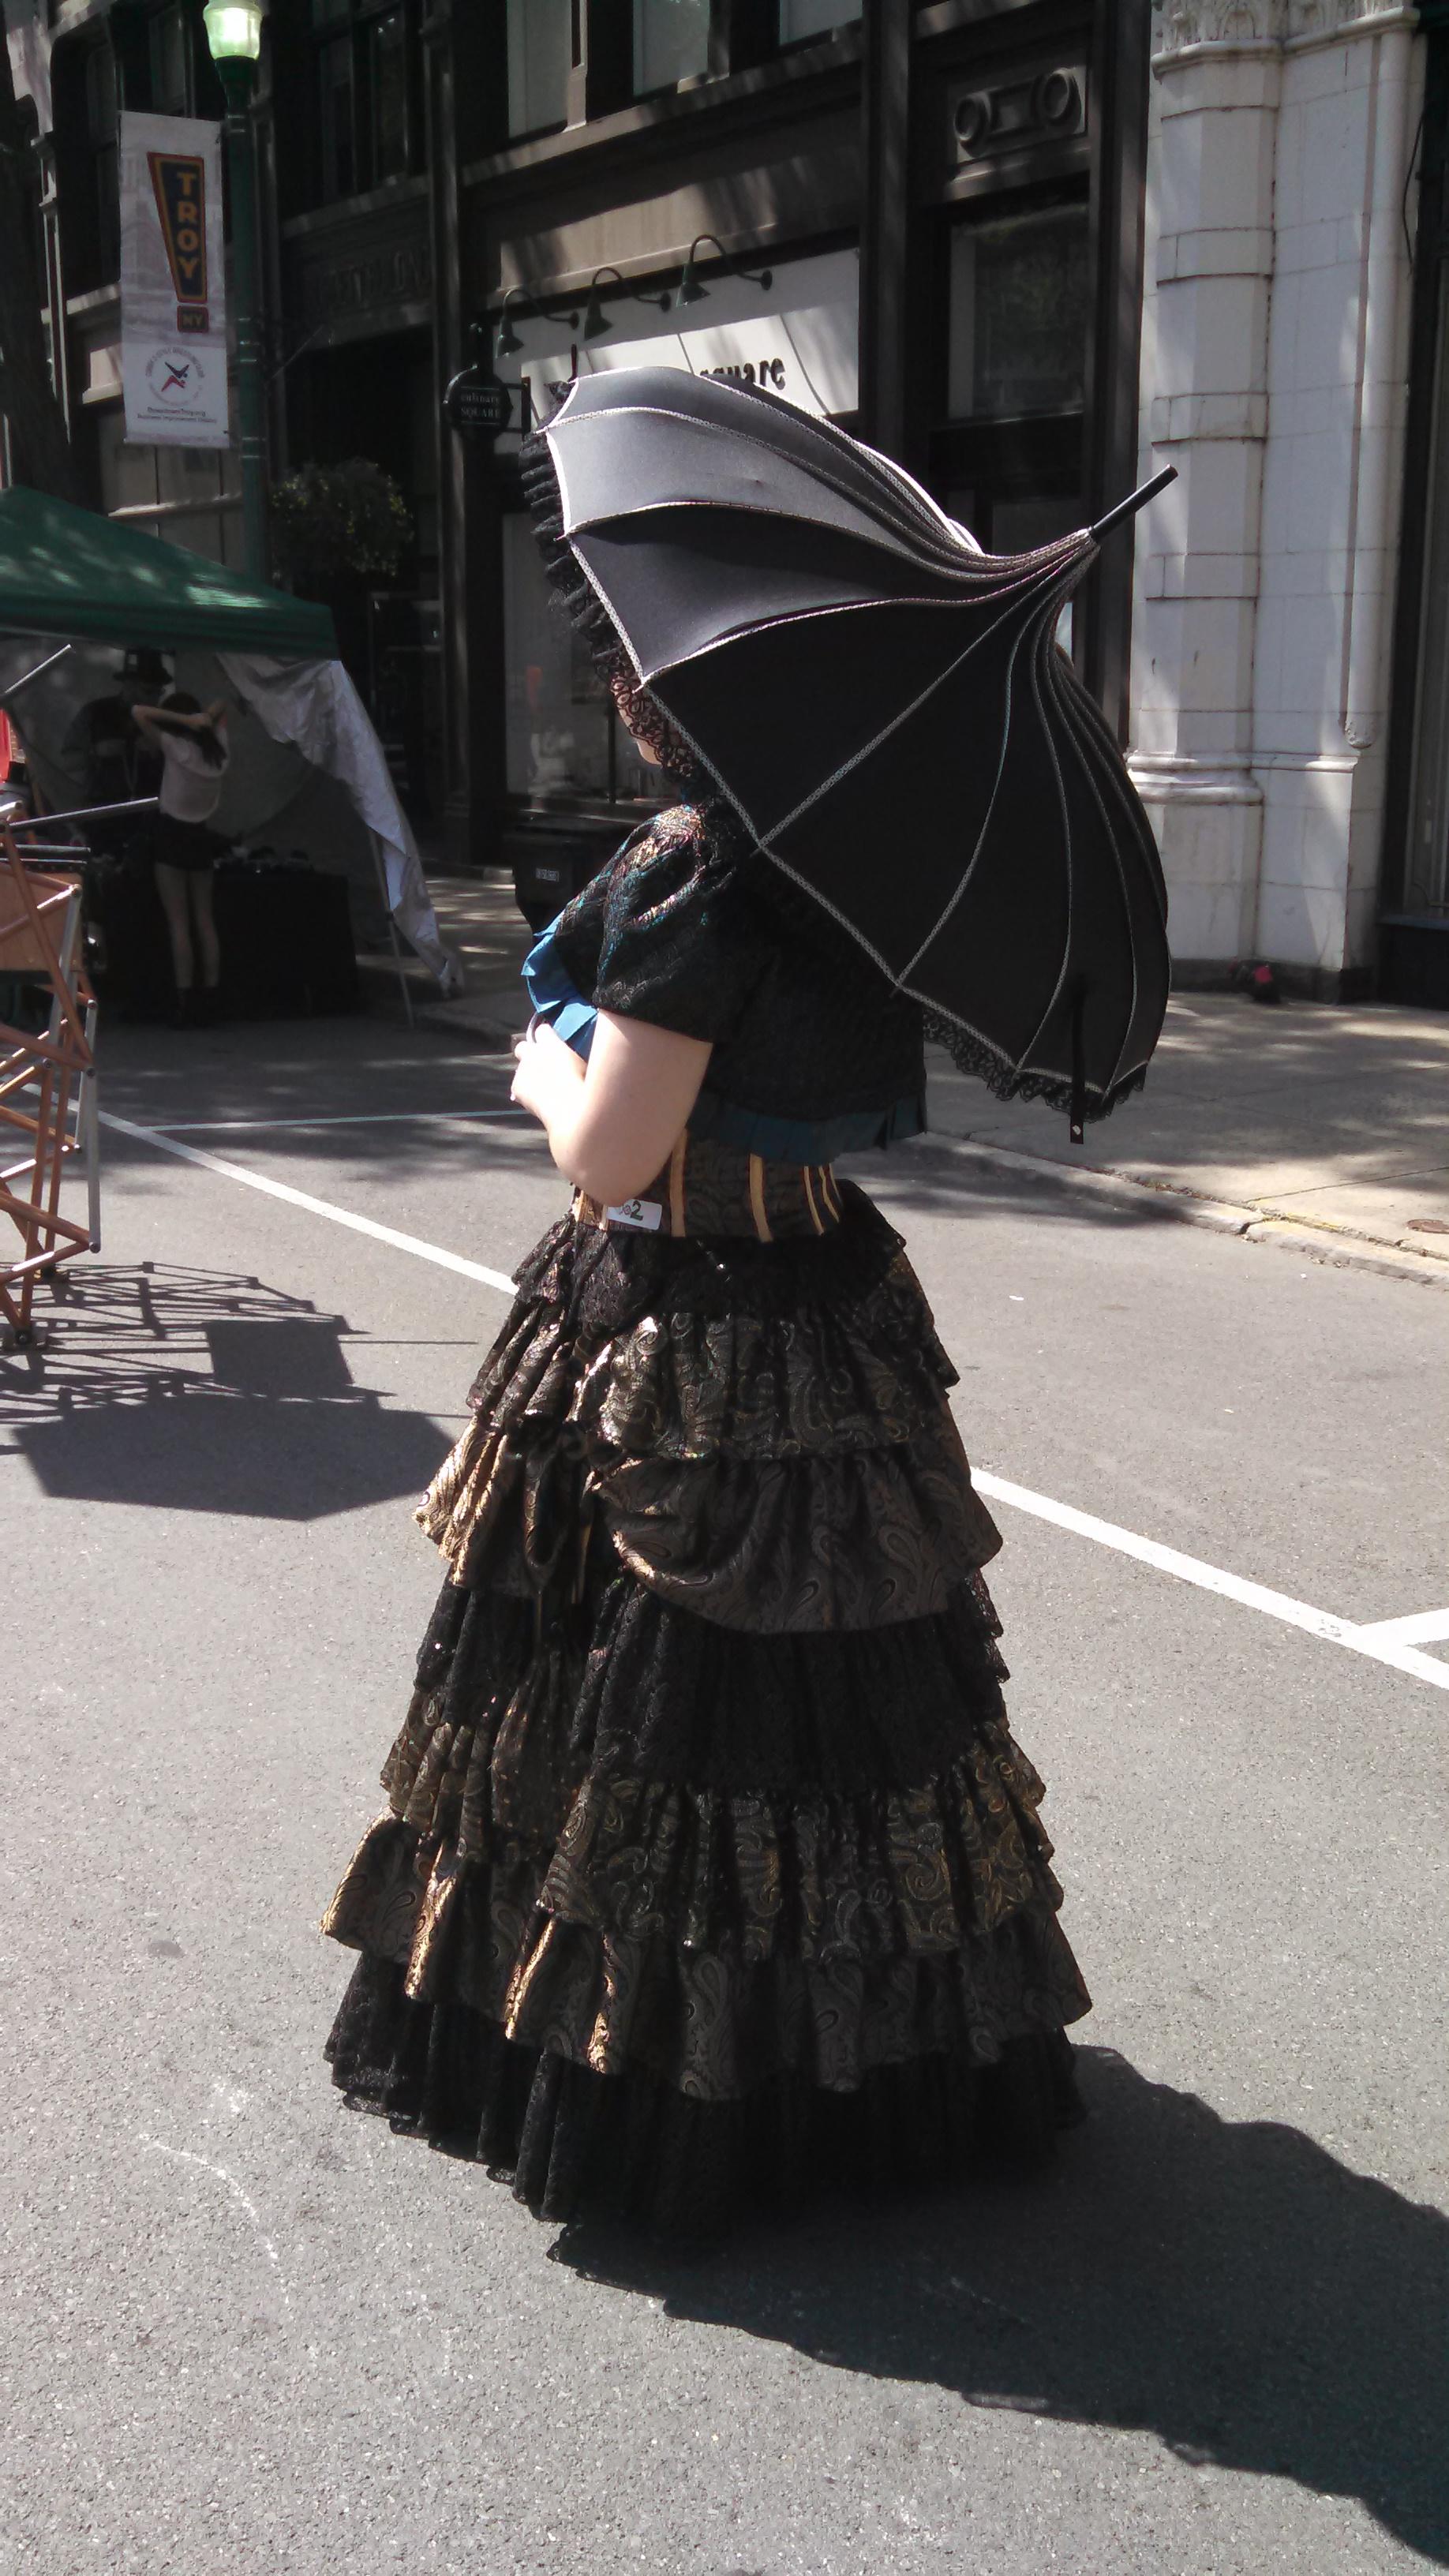 SteamPunk Summer Dress